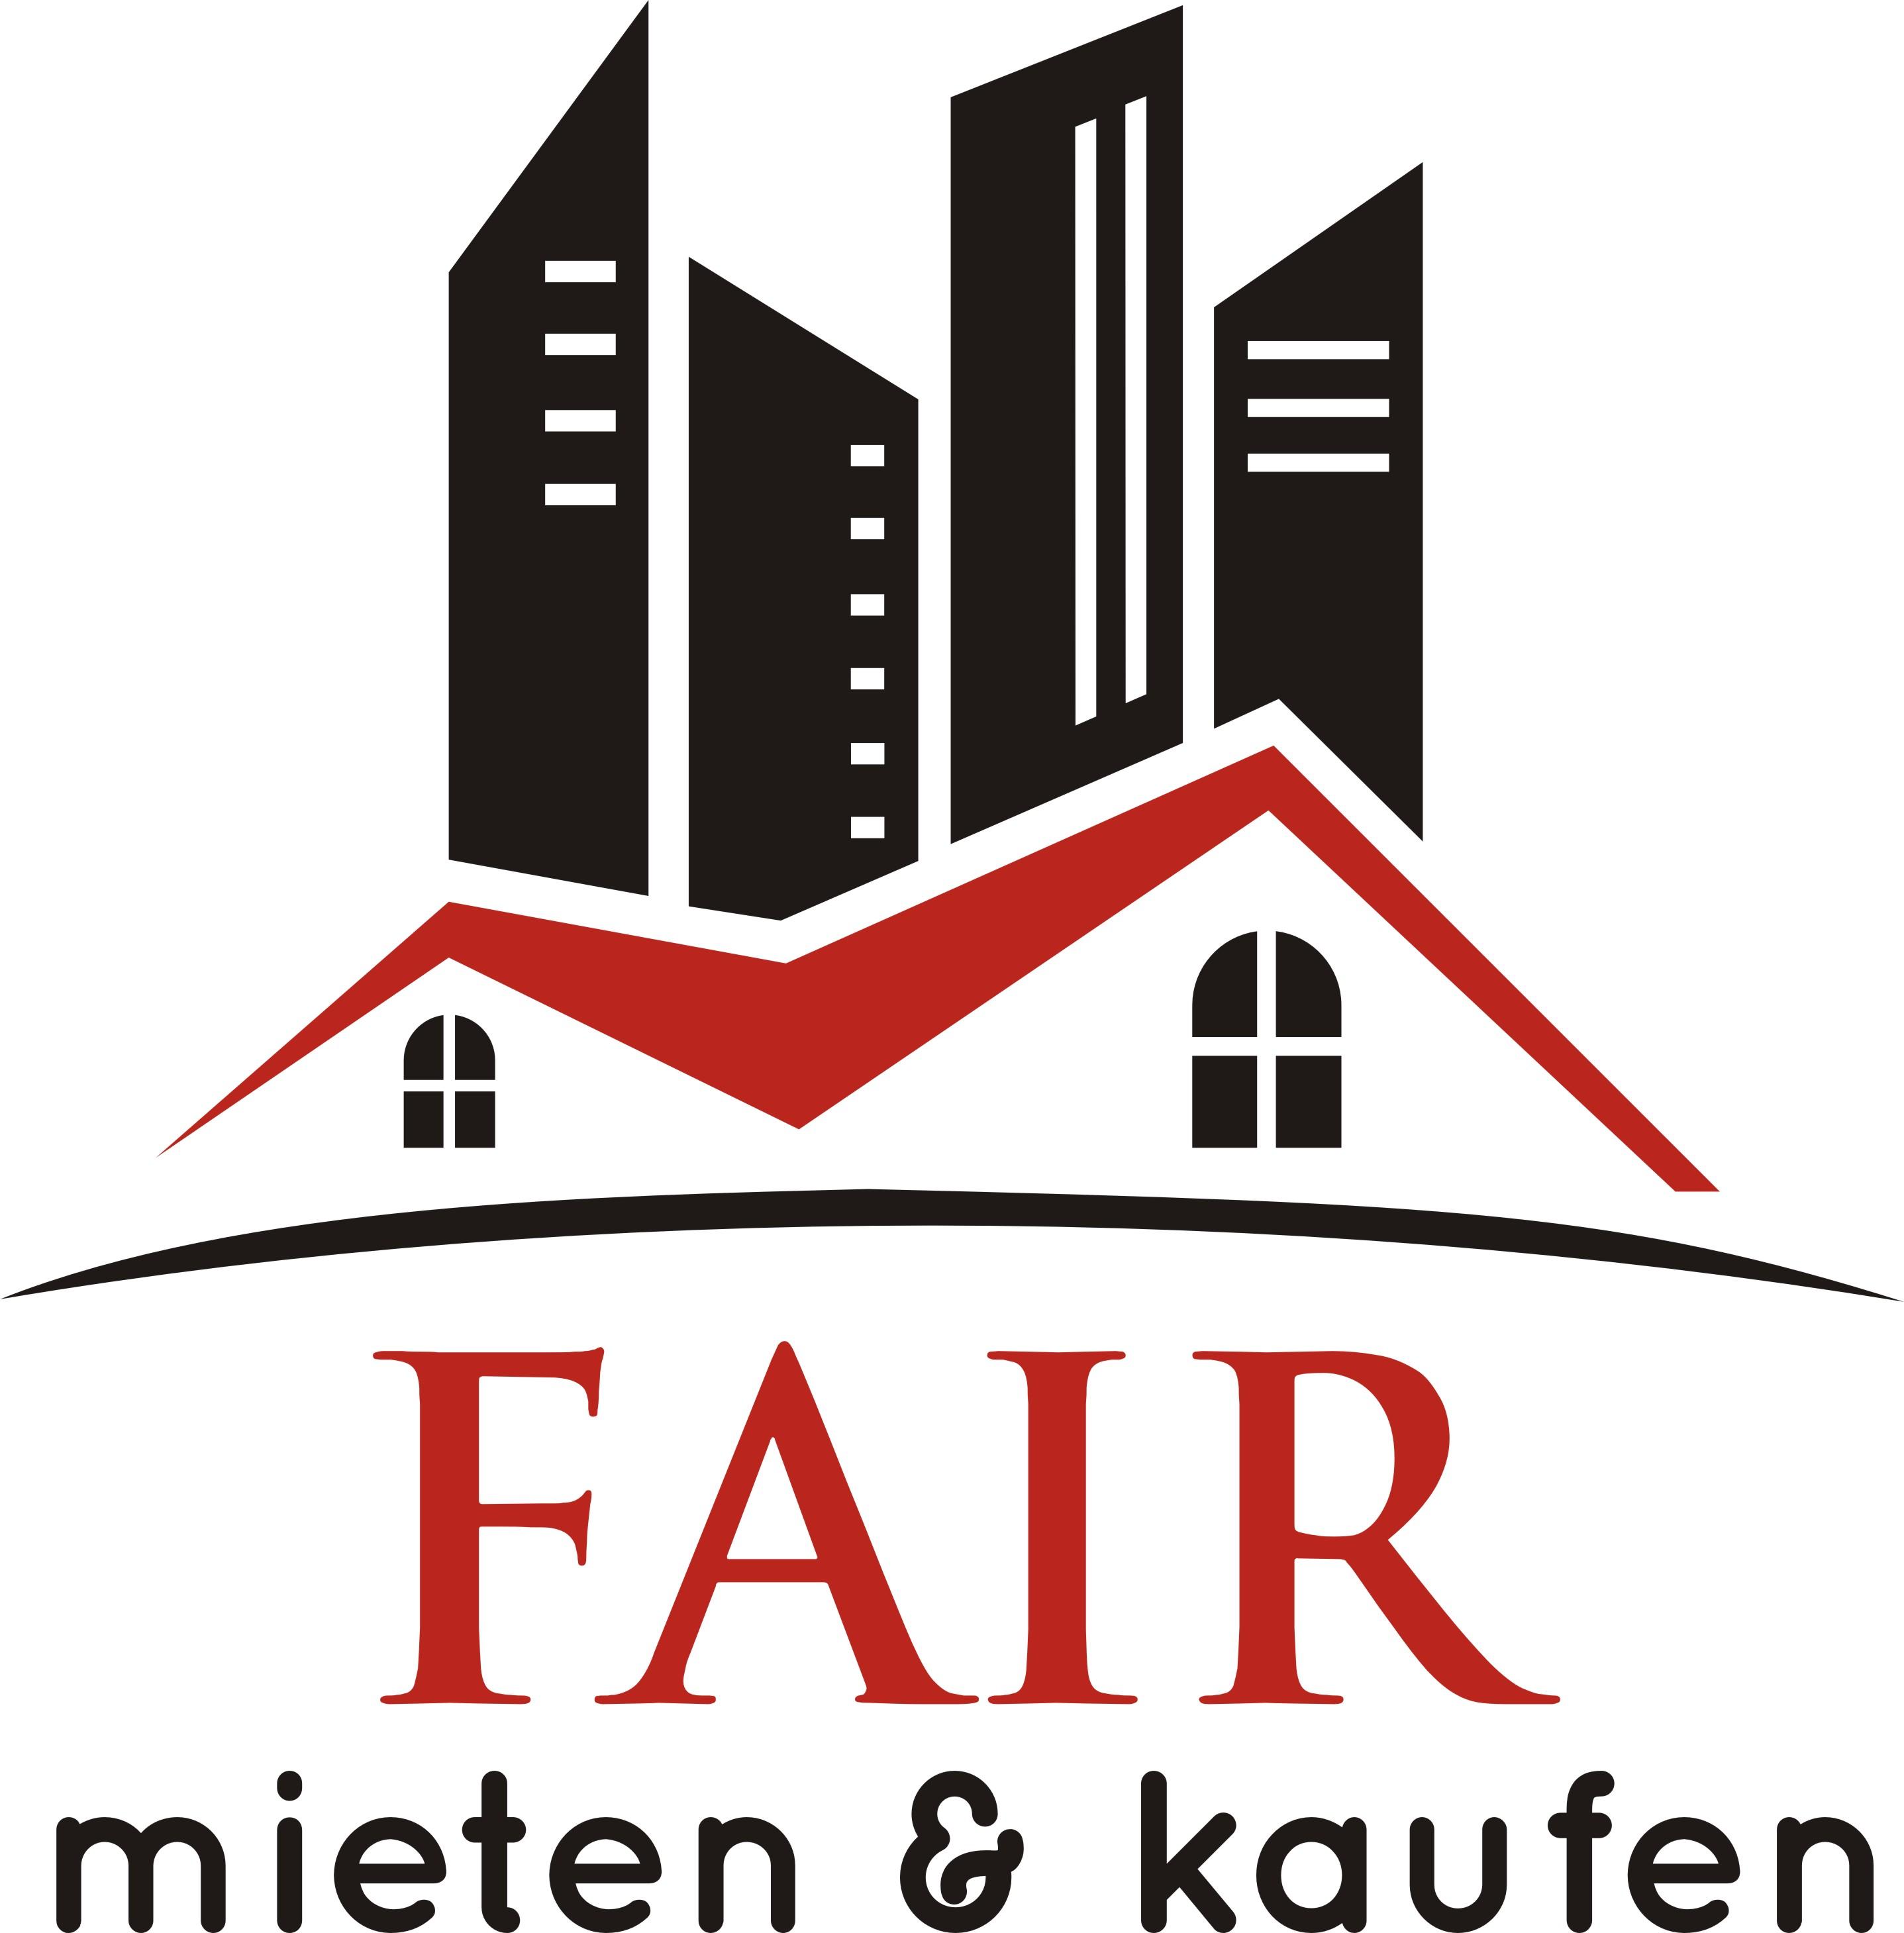 Hier sehen Sie das Logo von FAIR mieten & kaufen